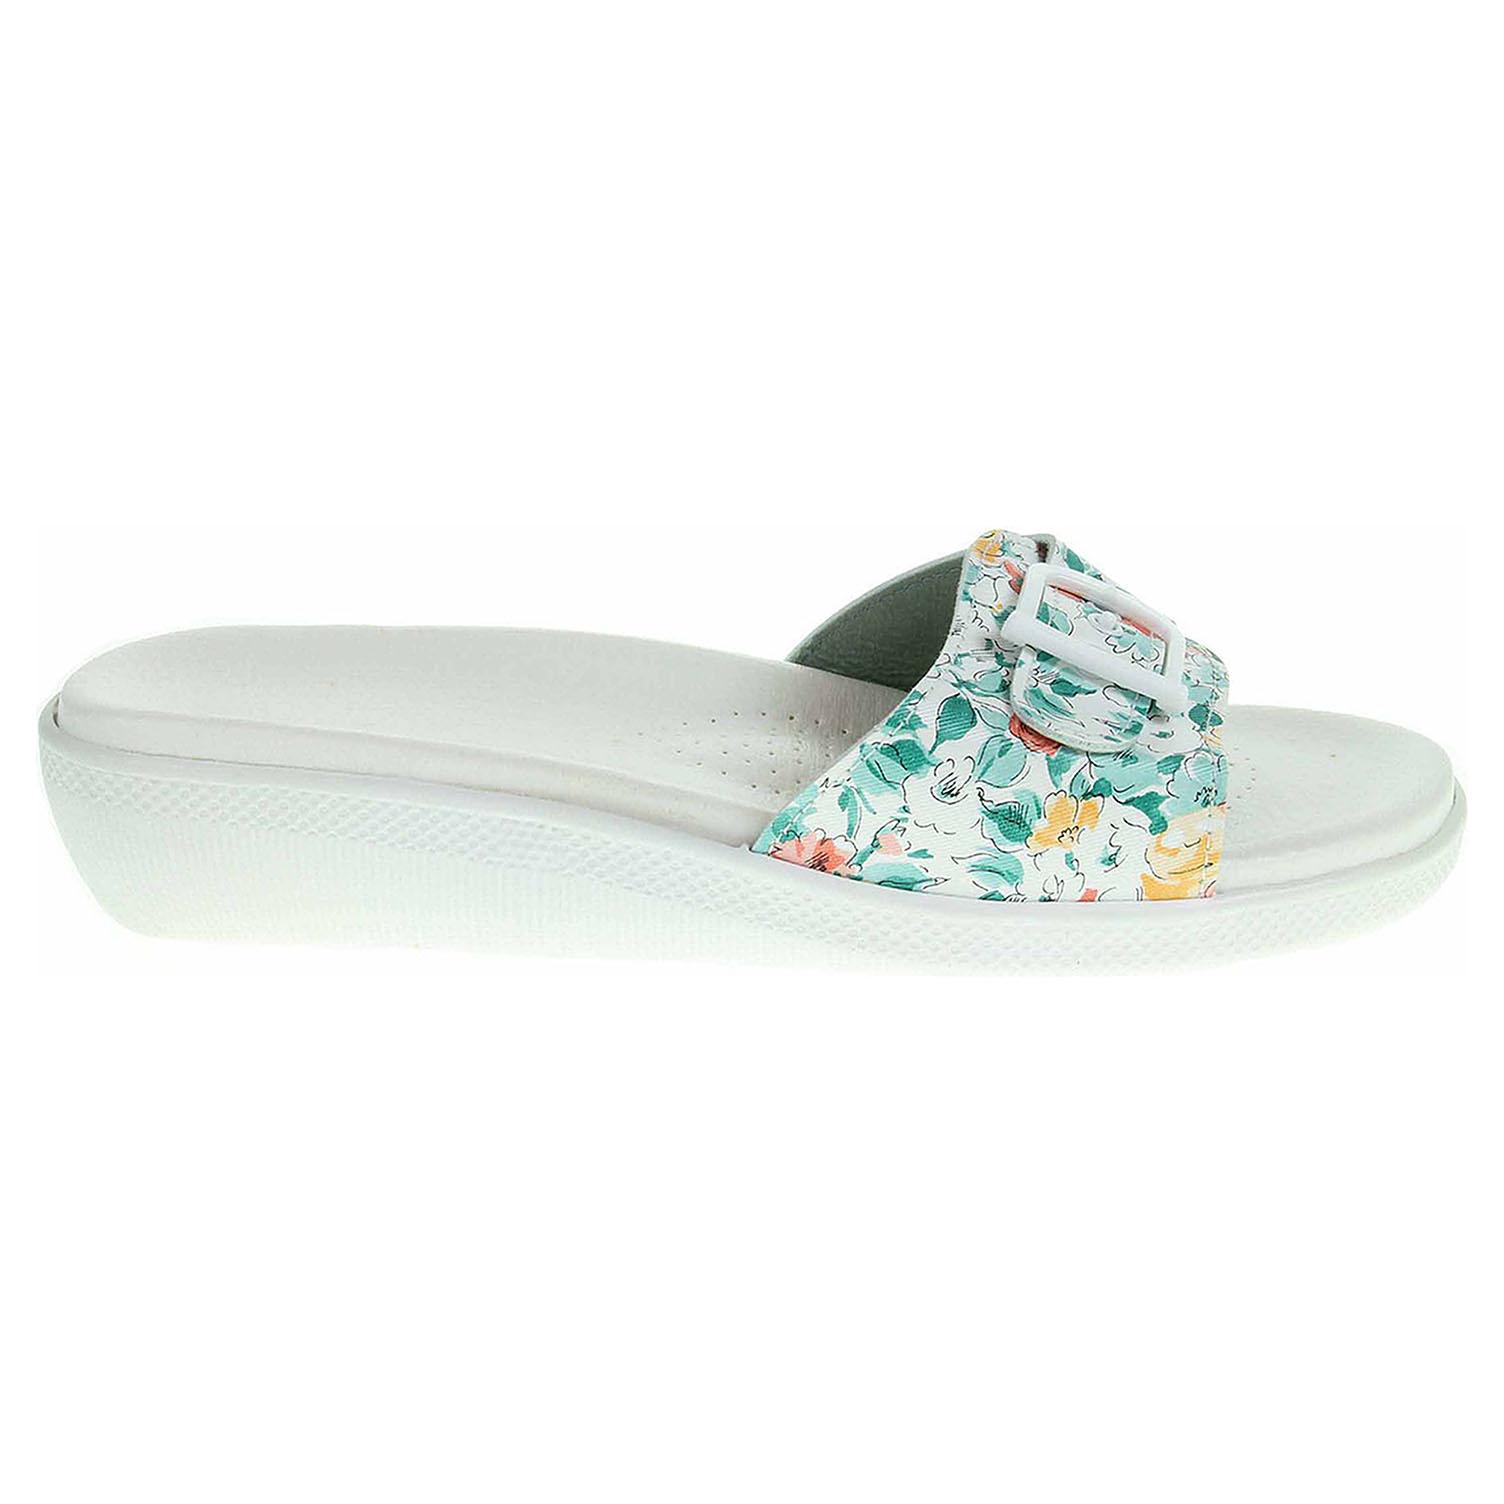 Ecco Dámské pantofle 5-20105 zelené 23400337